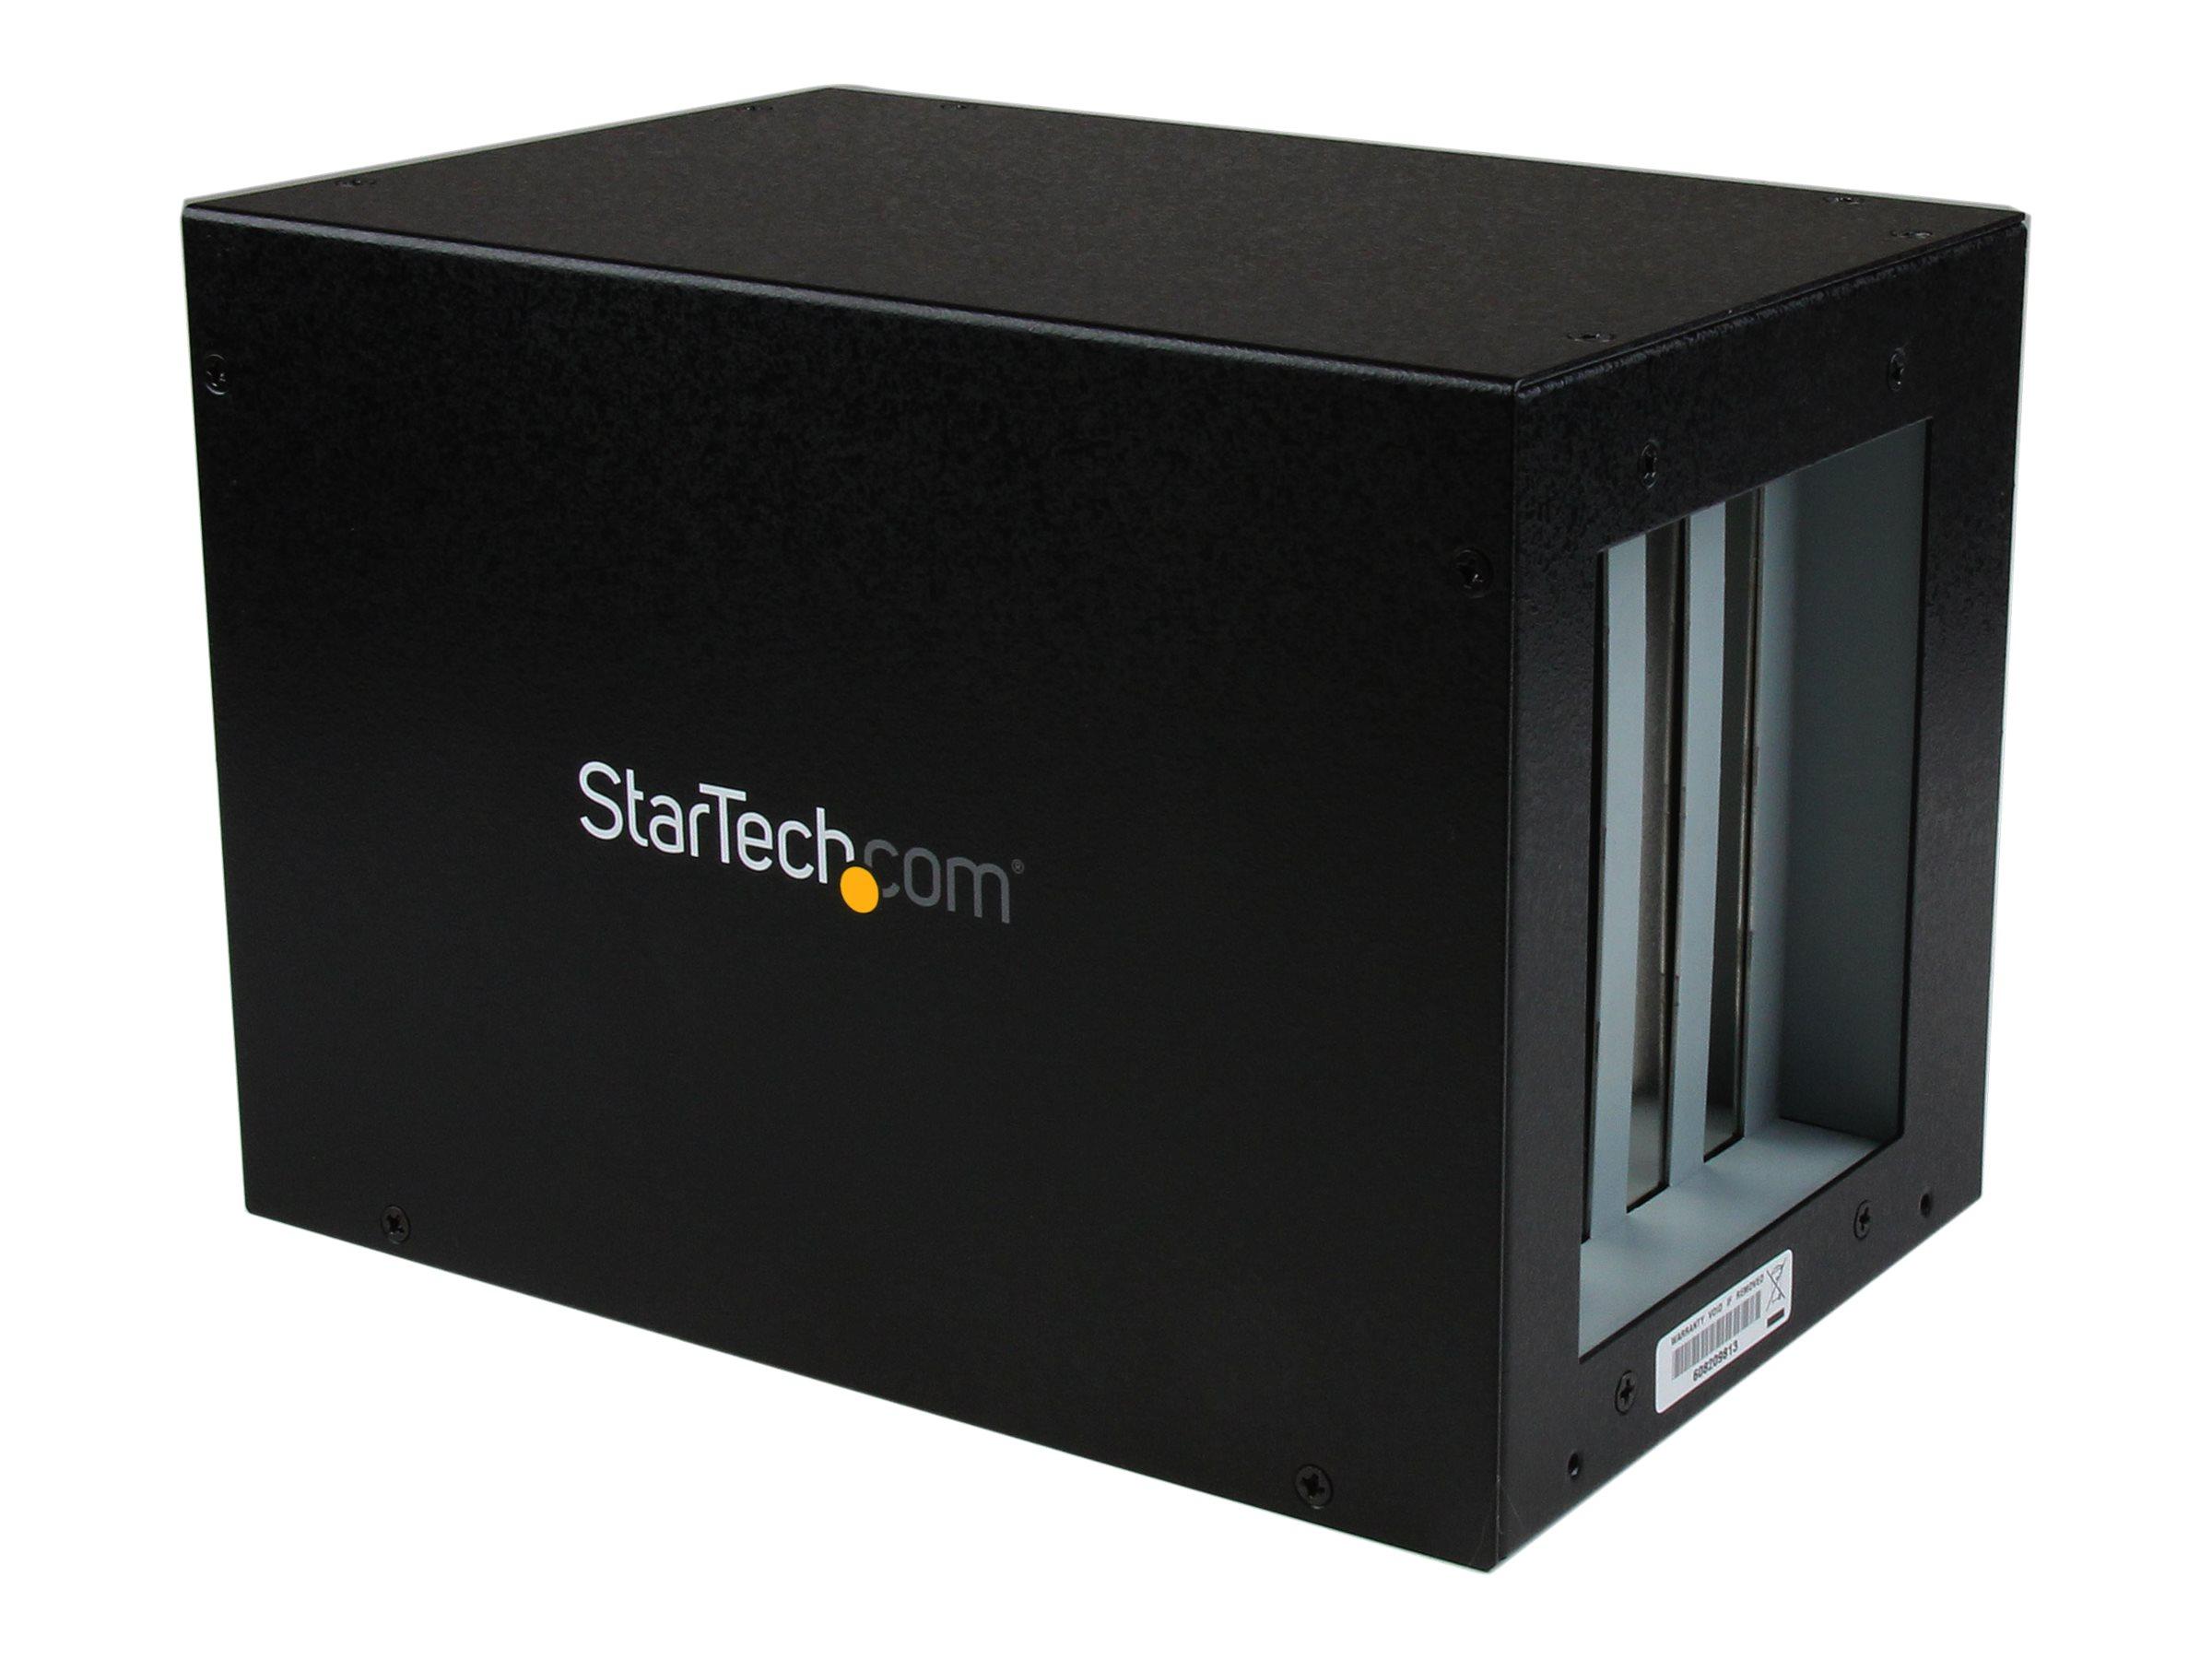 StarTech.com PCI Express Expansion Box Erweiterungsgehäuse 4x PCI Slot Erweiterungsbox - 1 x PCI Express (Stecker) 4 x PCI Slot